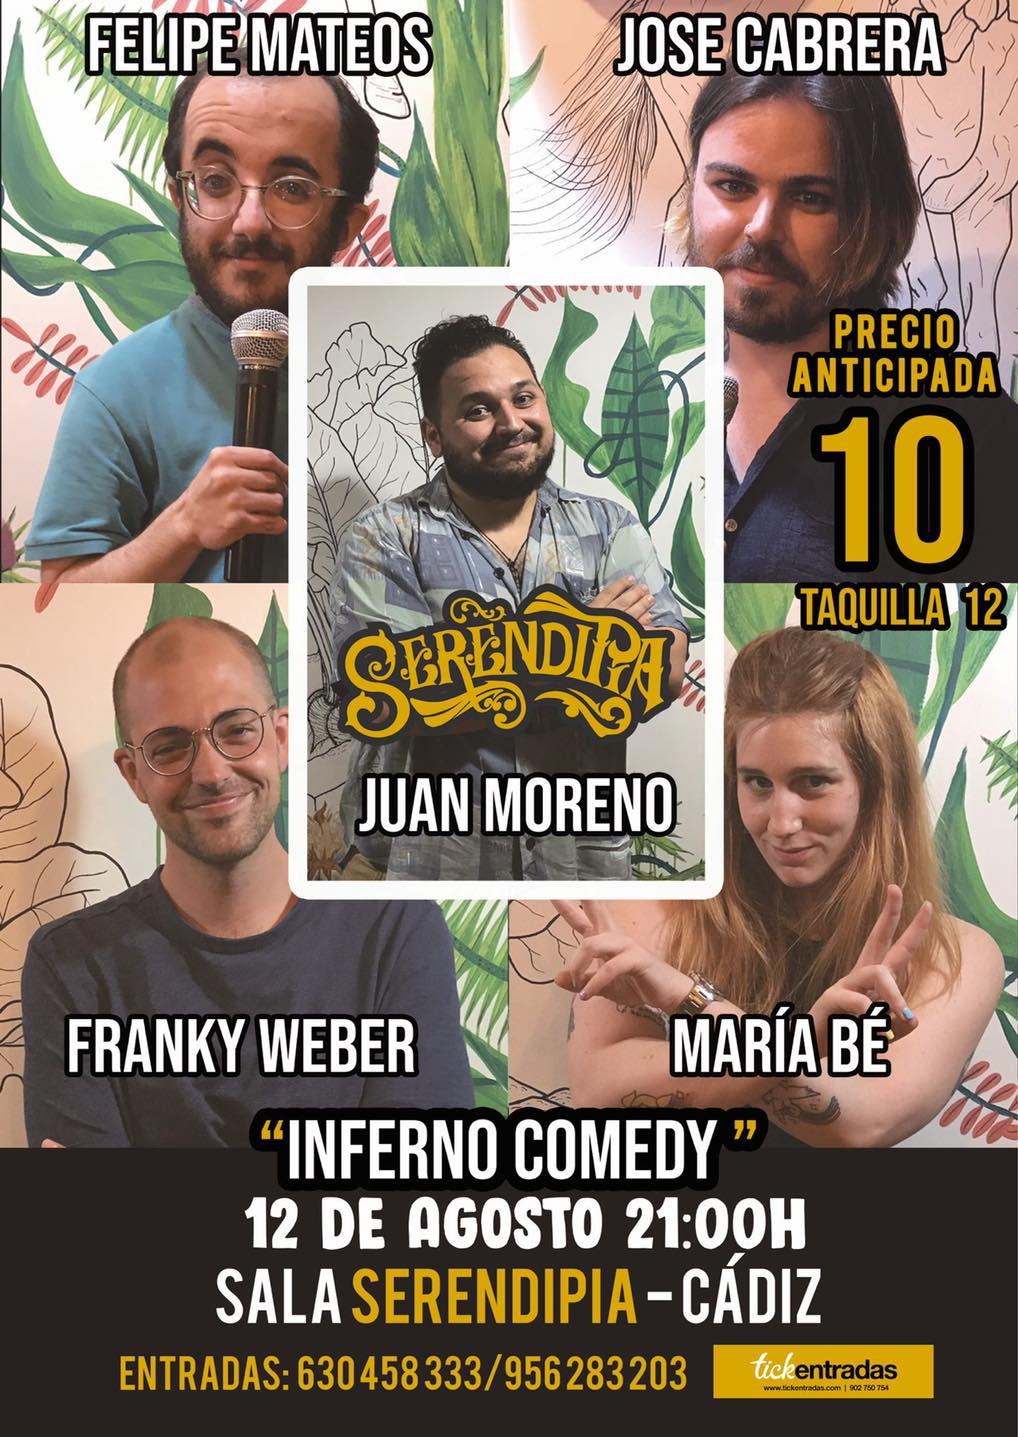 Inferno Comedy - Espectáculo Cómico en Serendipia